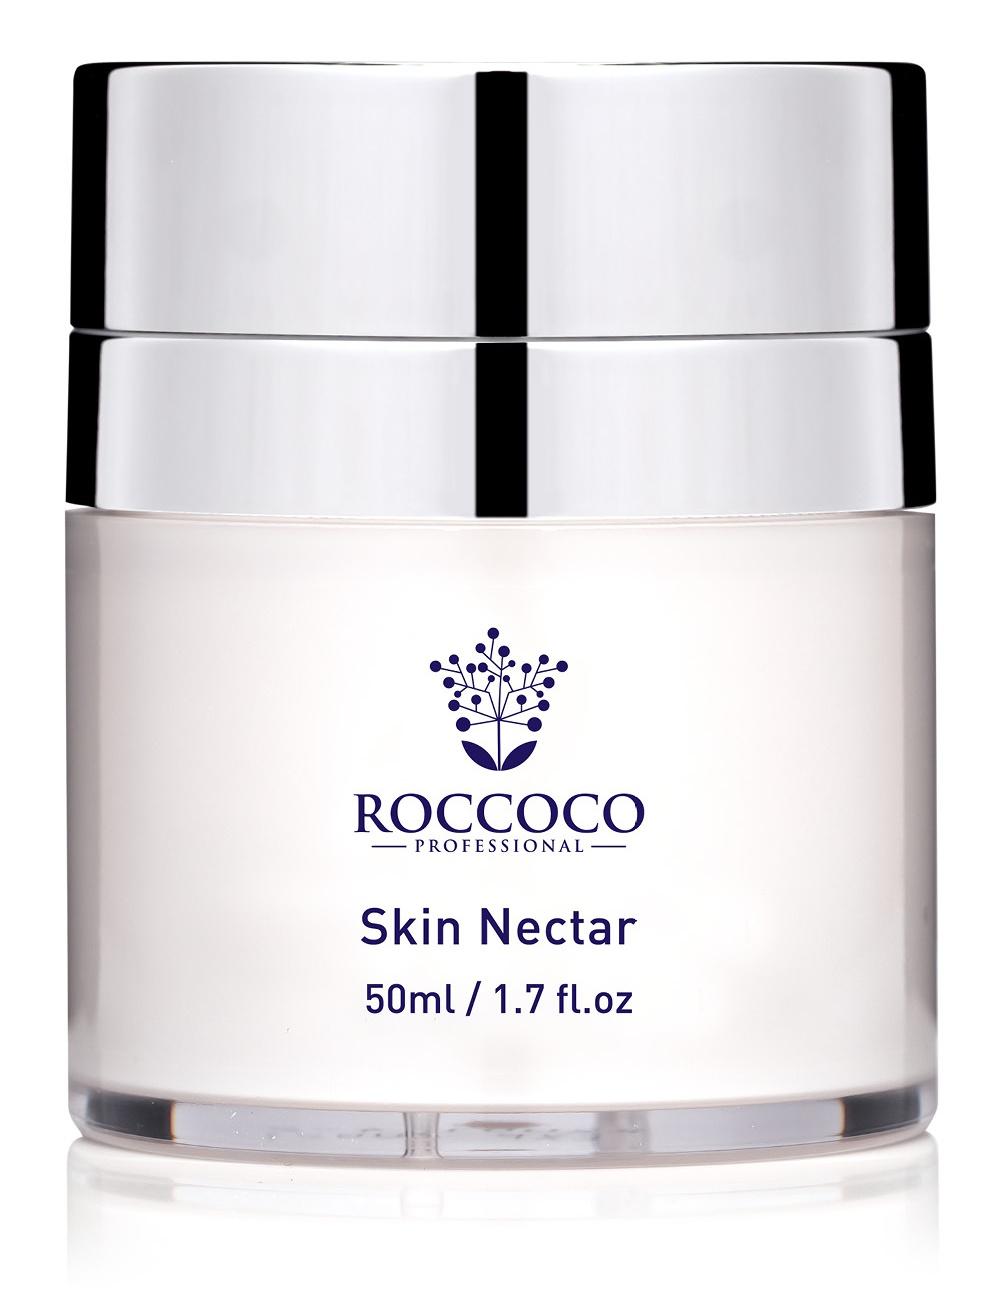 Roccoco Skin Nectar